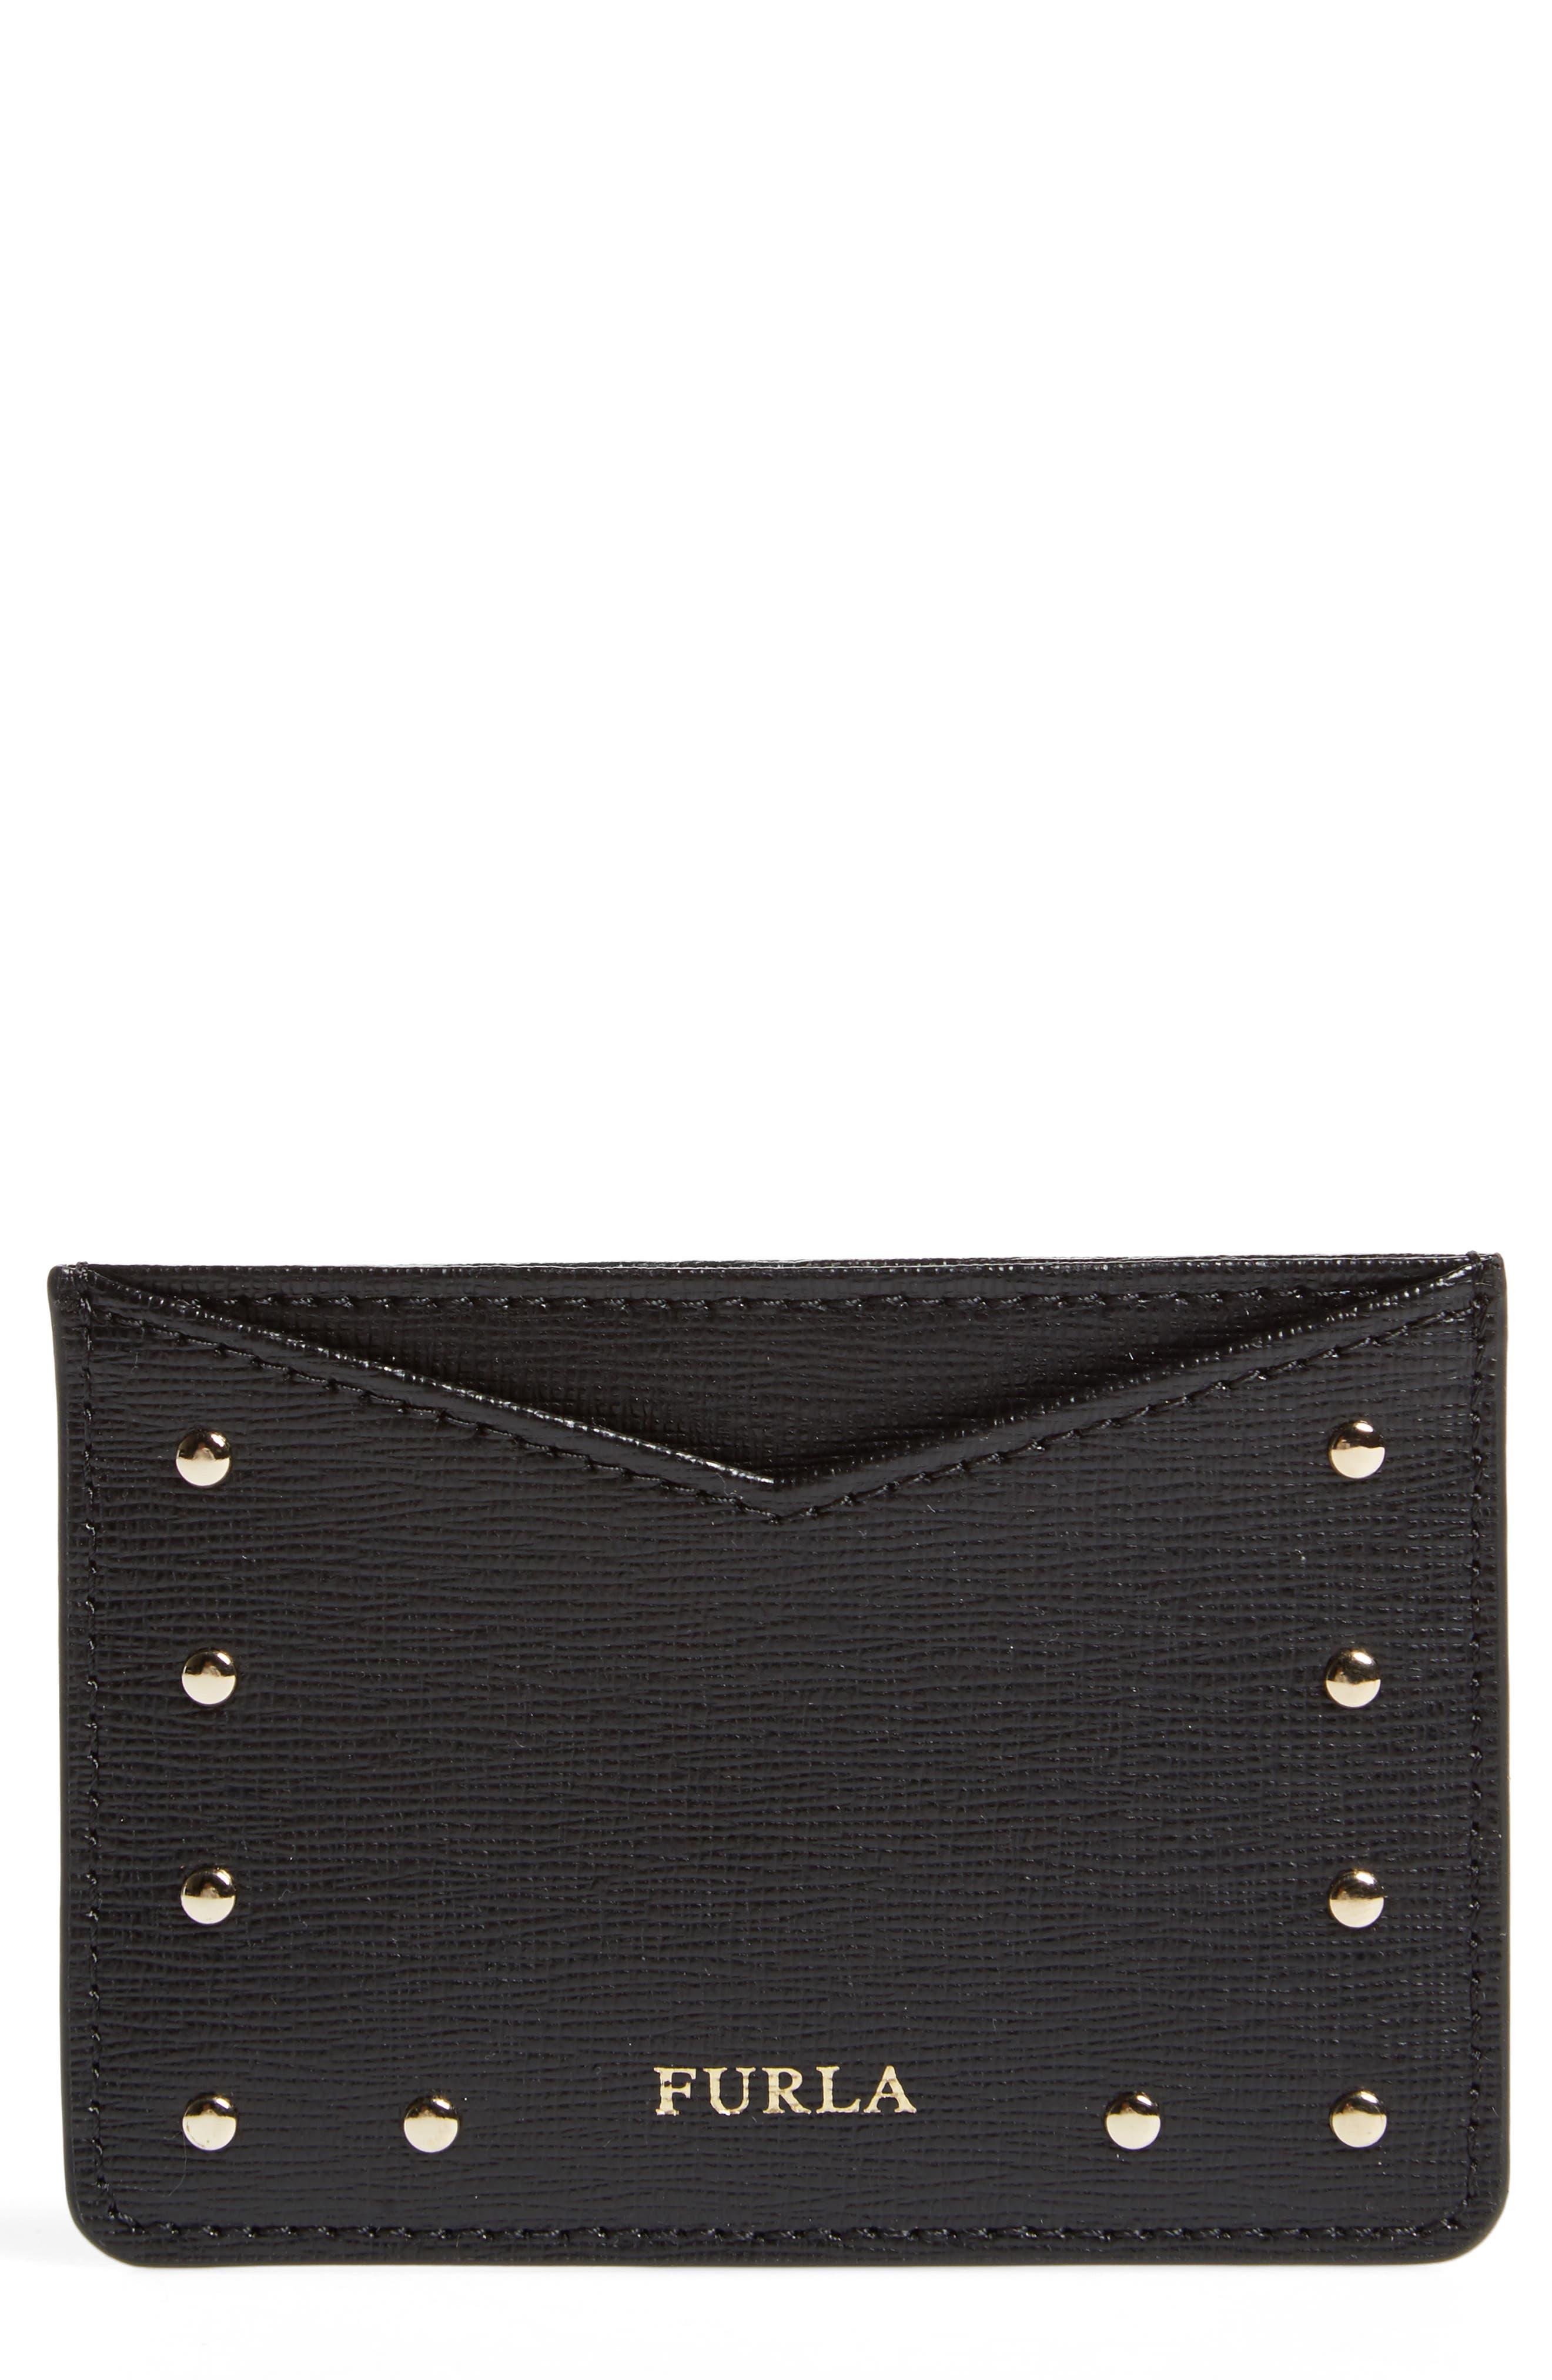 Furla Gioia Studded Saffiano Leather Card Case